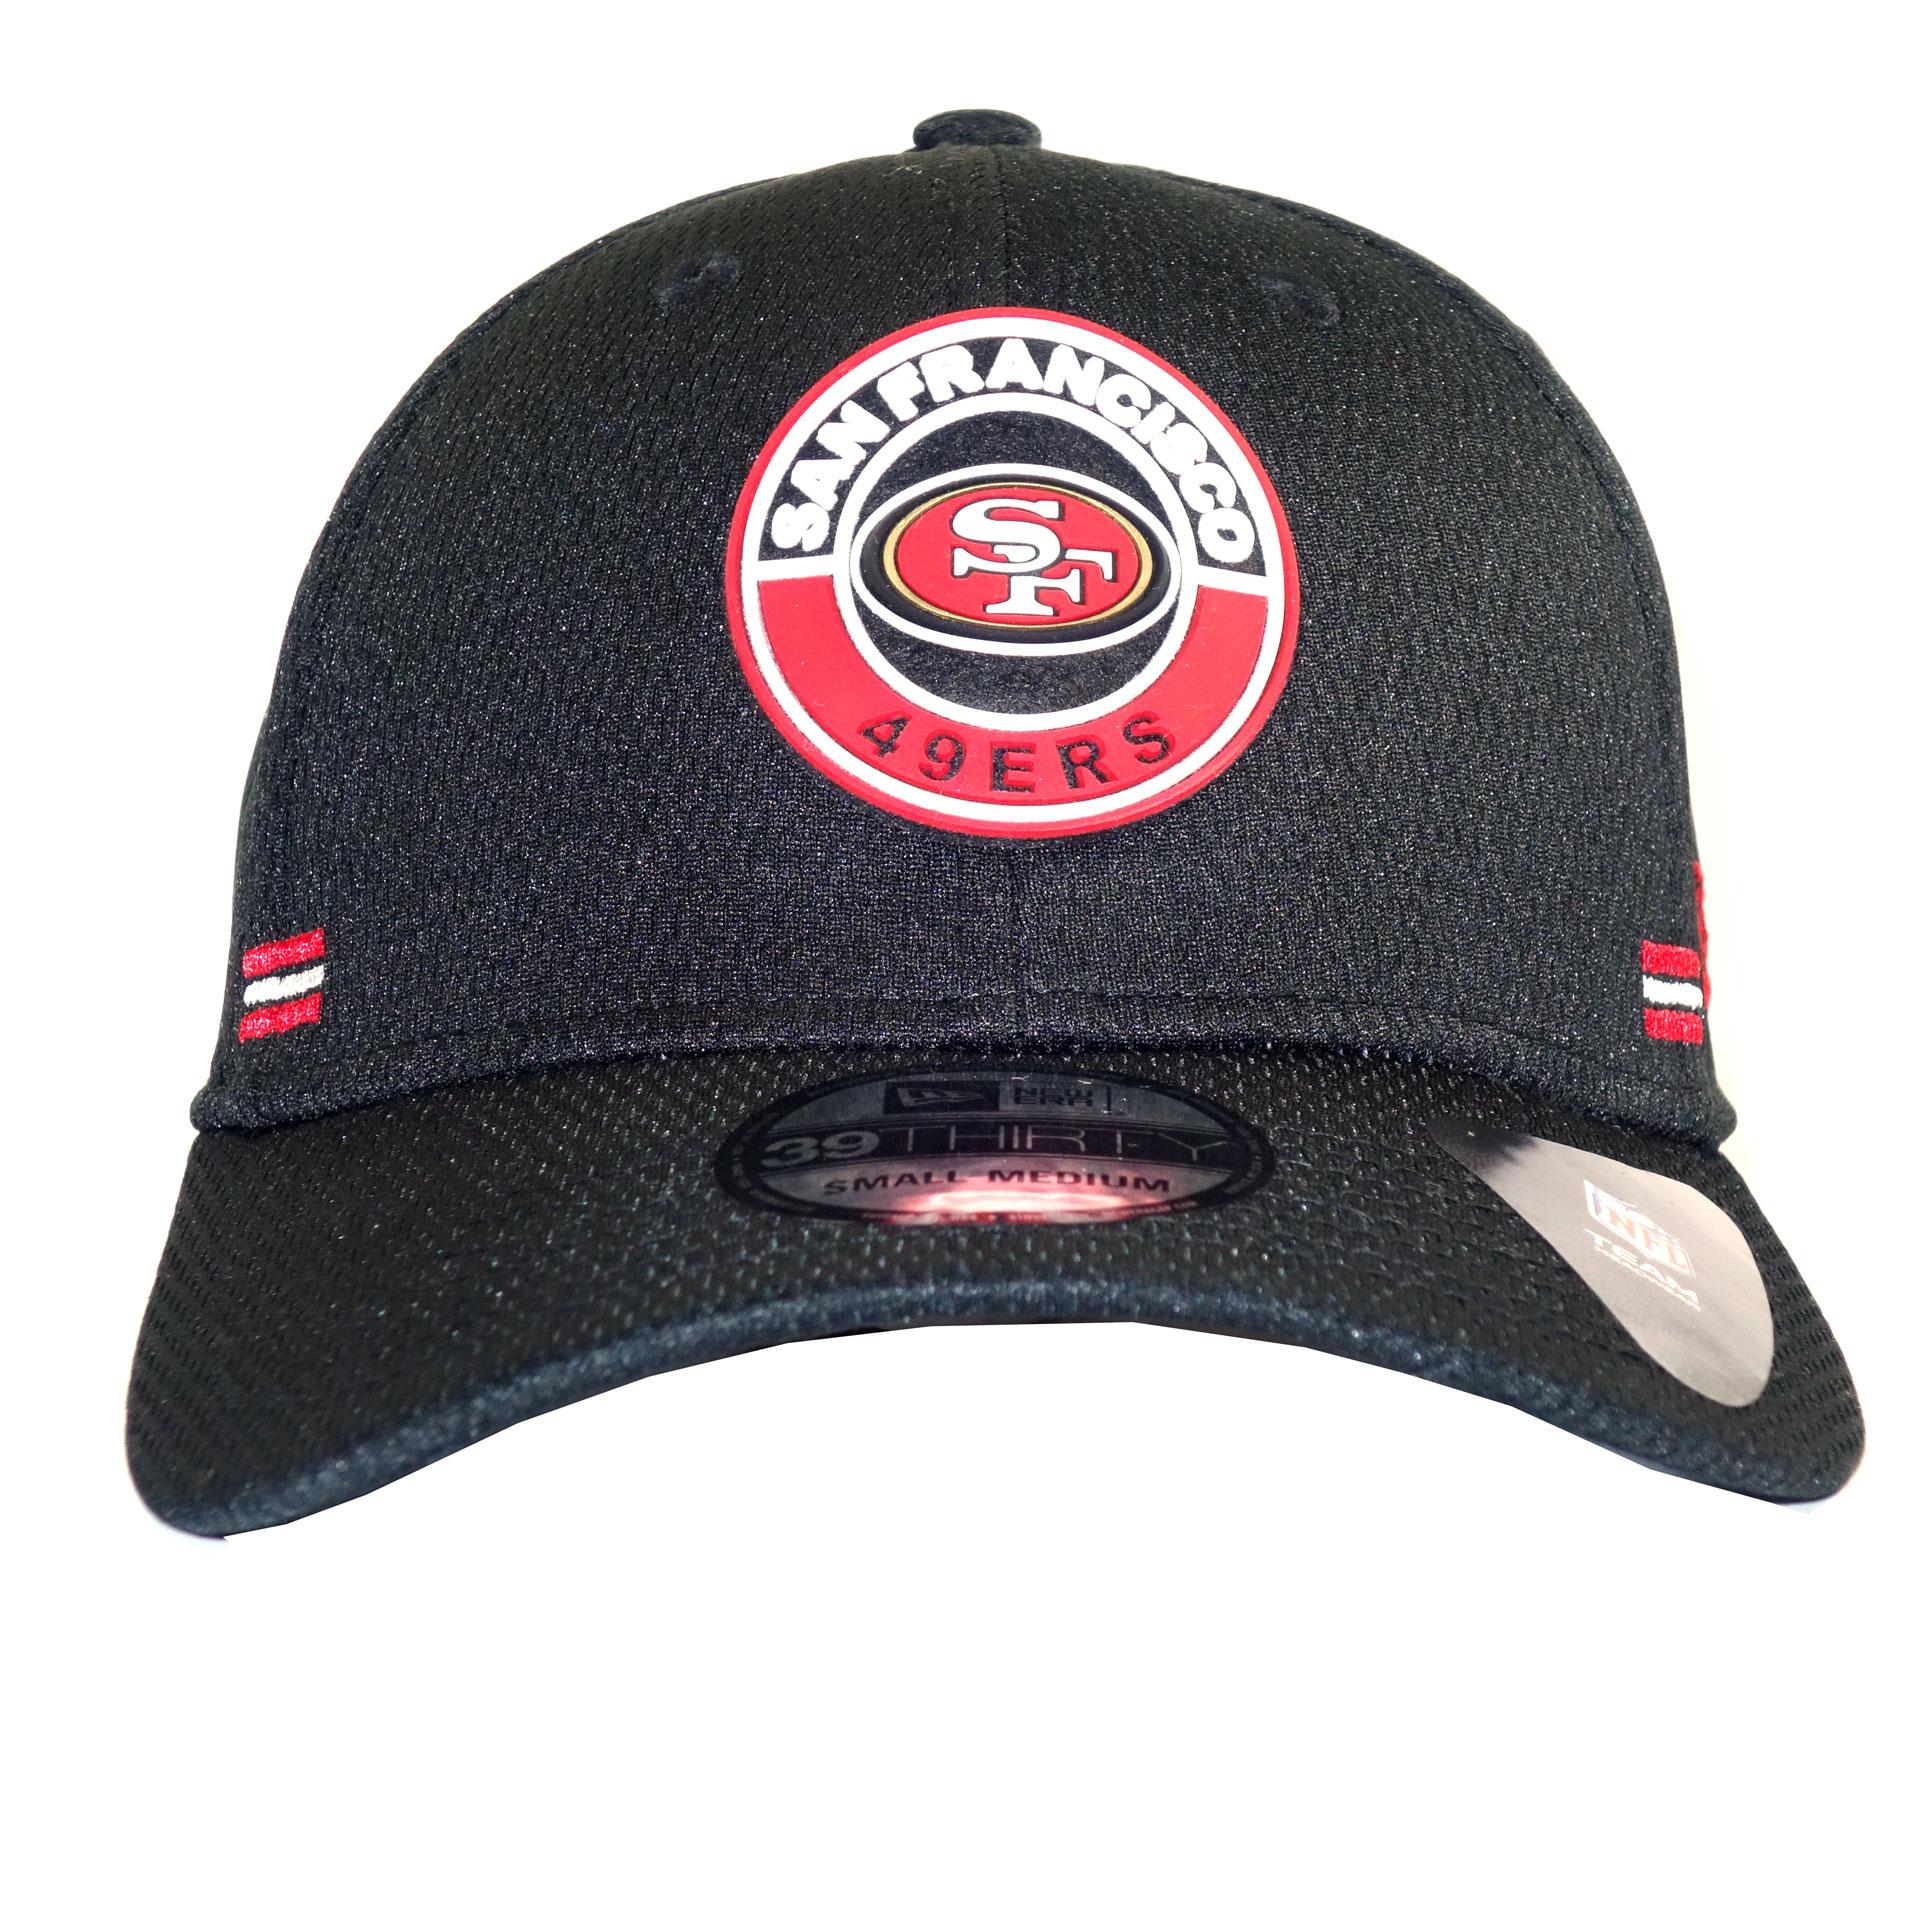 NFL New Era Cap San Francisco 49ers